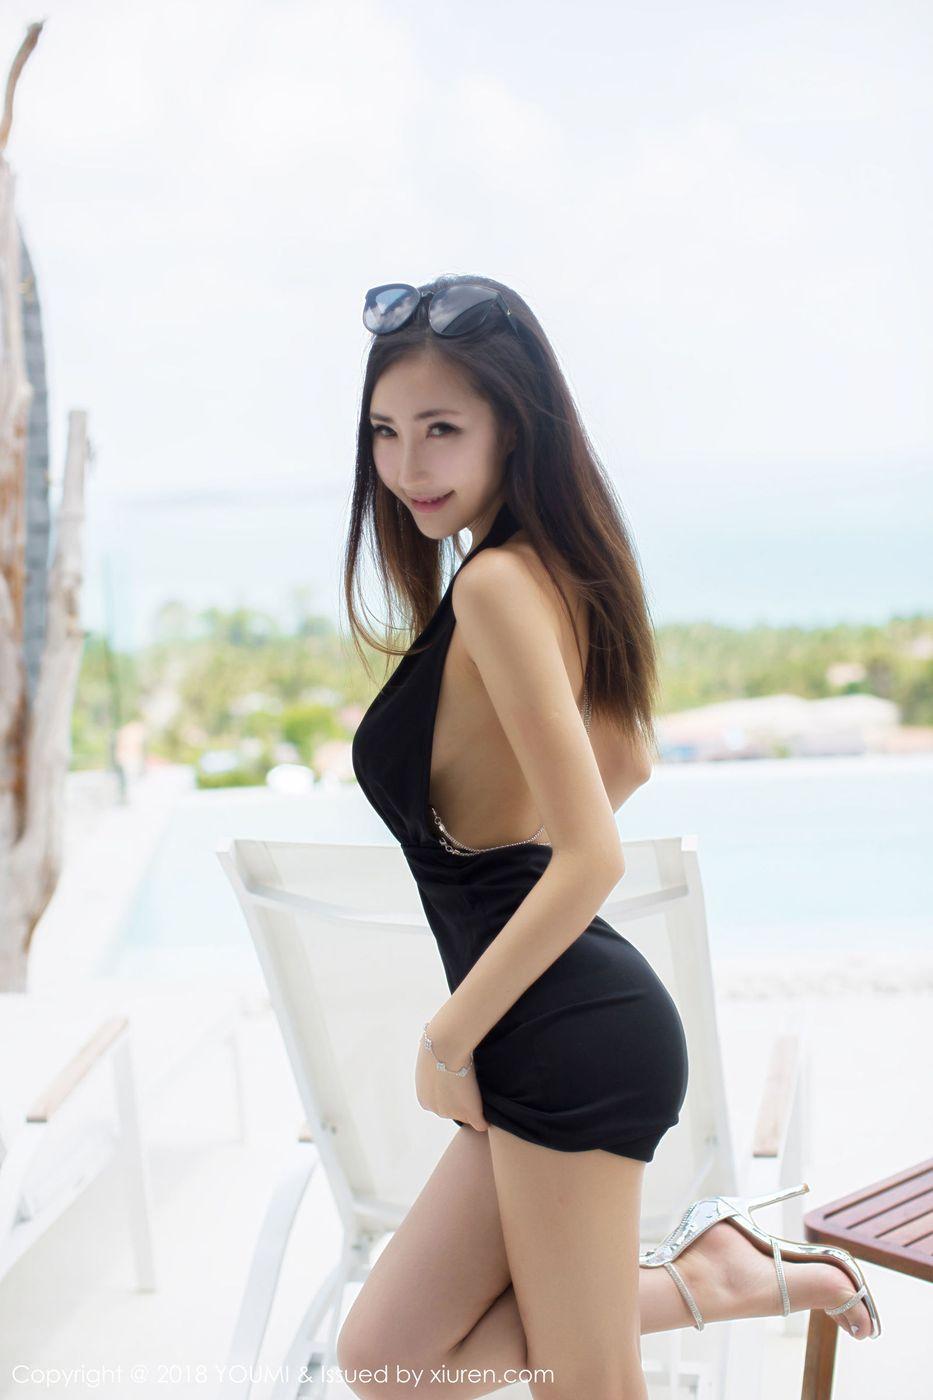 [YouMi尤蜜荟] 性感女神Yumi尤美泳池比基尼内衣诱惑苏梅岛旅拍写真 Vol.172